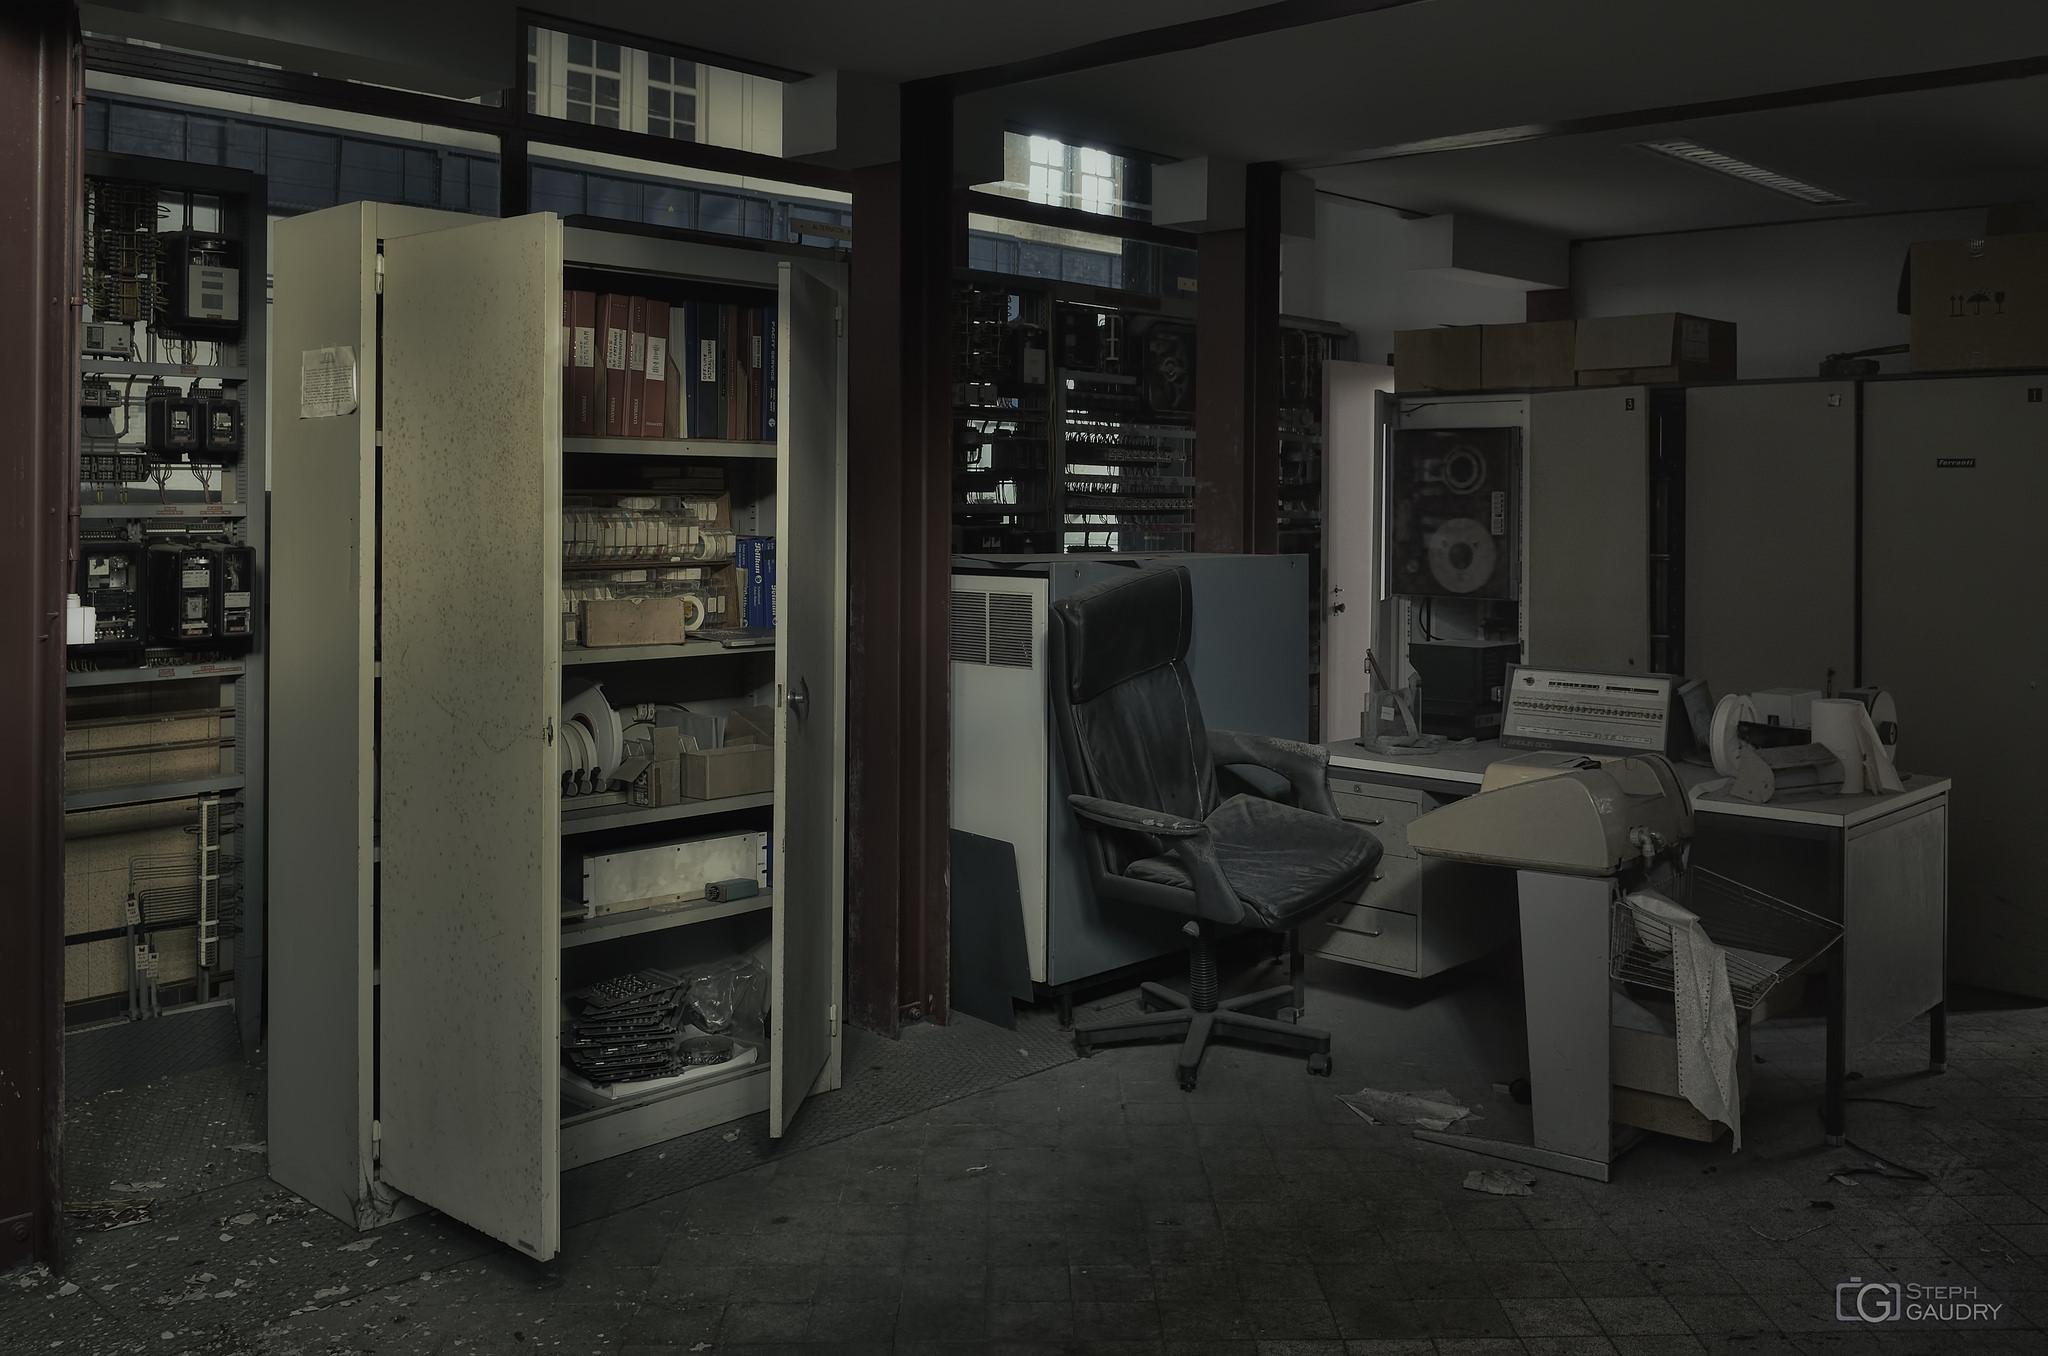 Old datacenter [Cliquez pour lancer le diaporama]